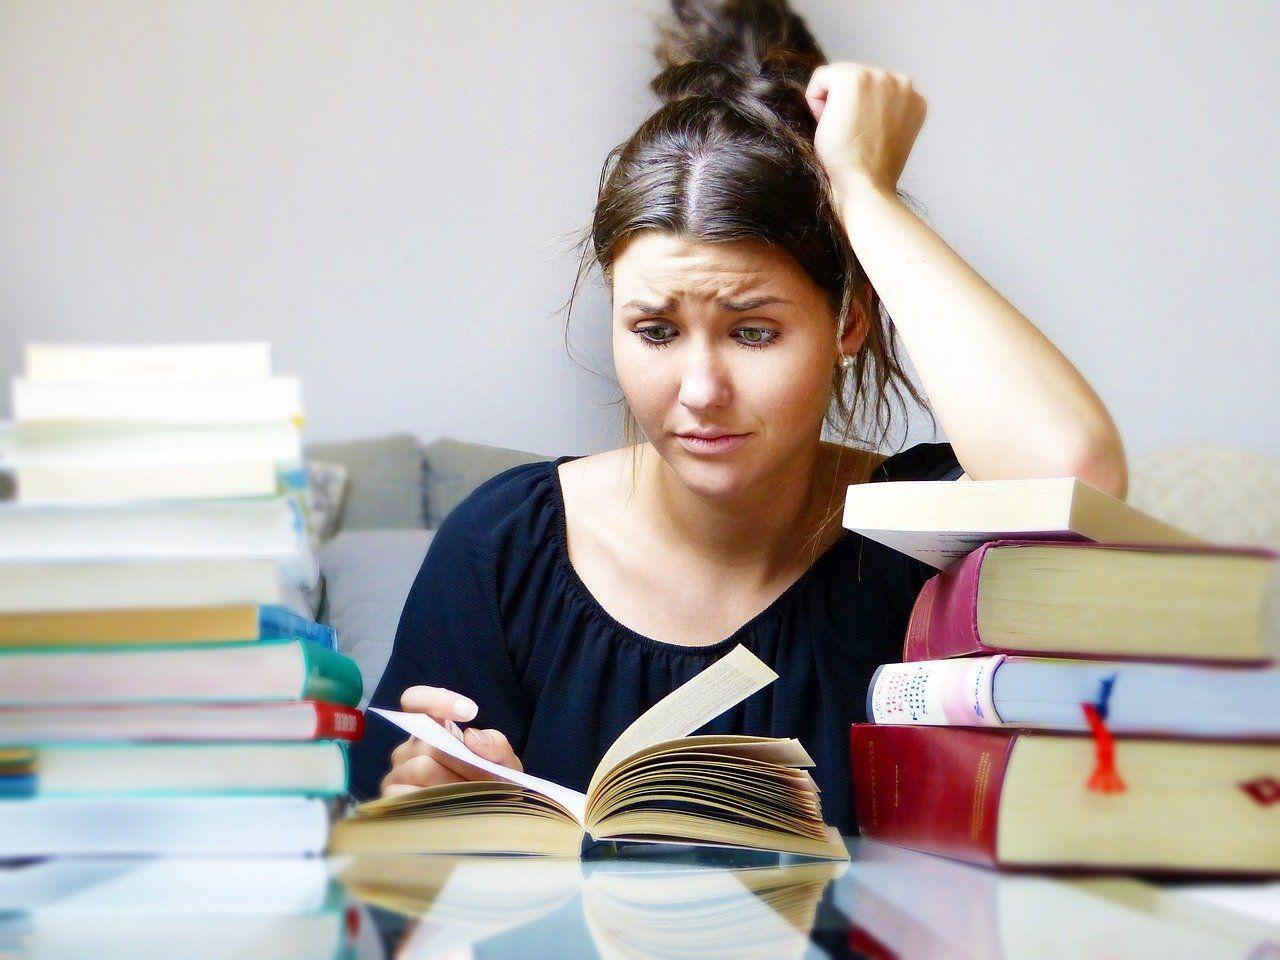 Studie: Gymnasiallehrer arbeiten im Schnitt über 45 Stunden pro Woche